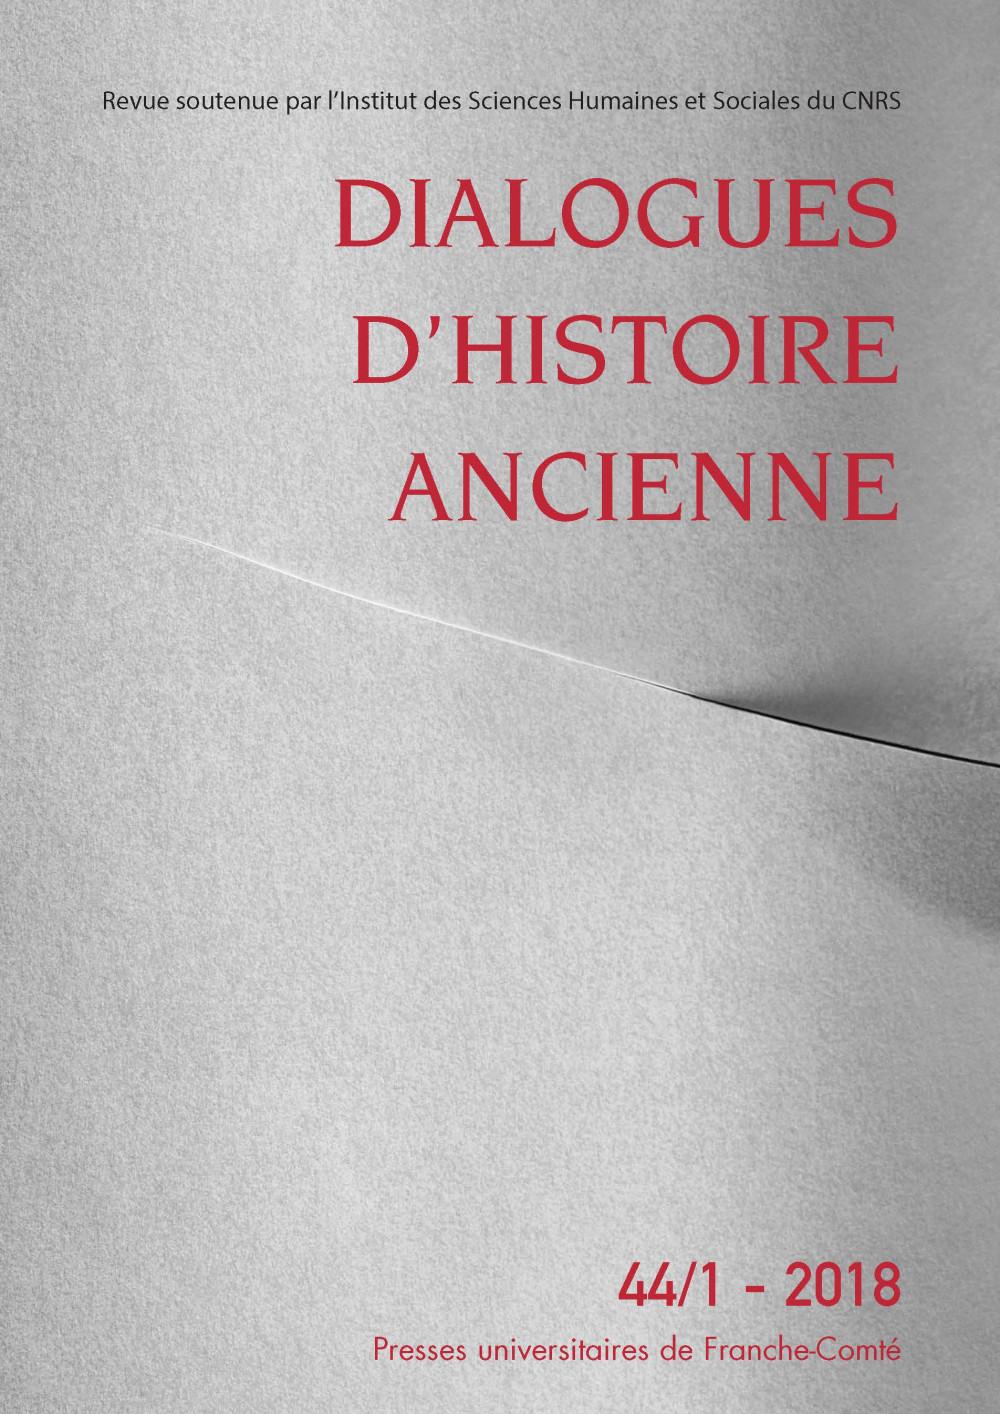 Dialogues d'histoire ancienne 44/1